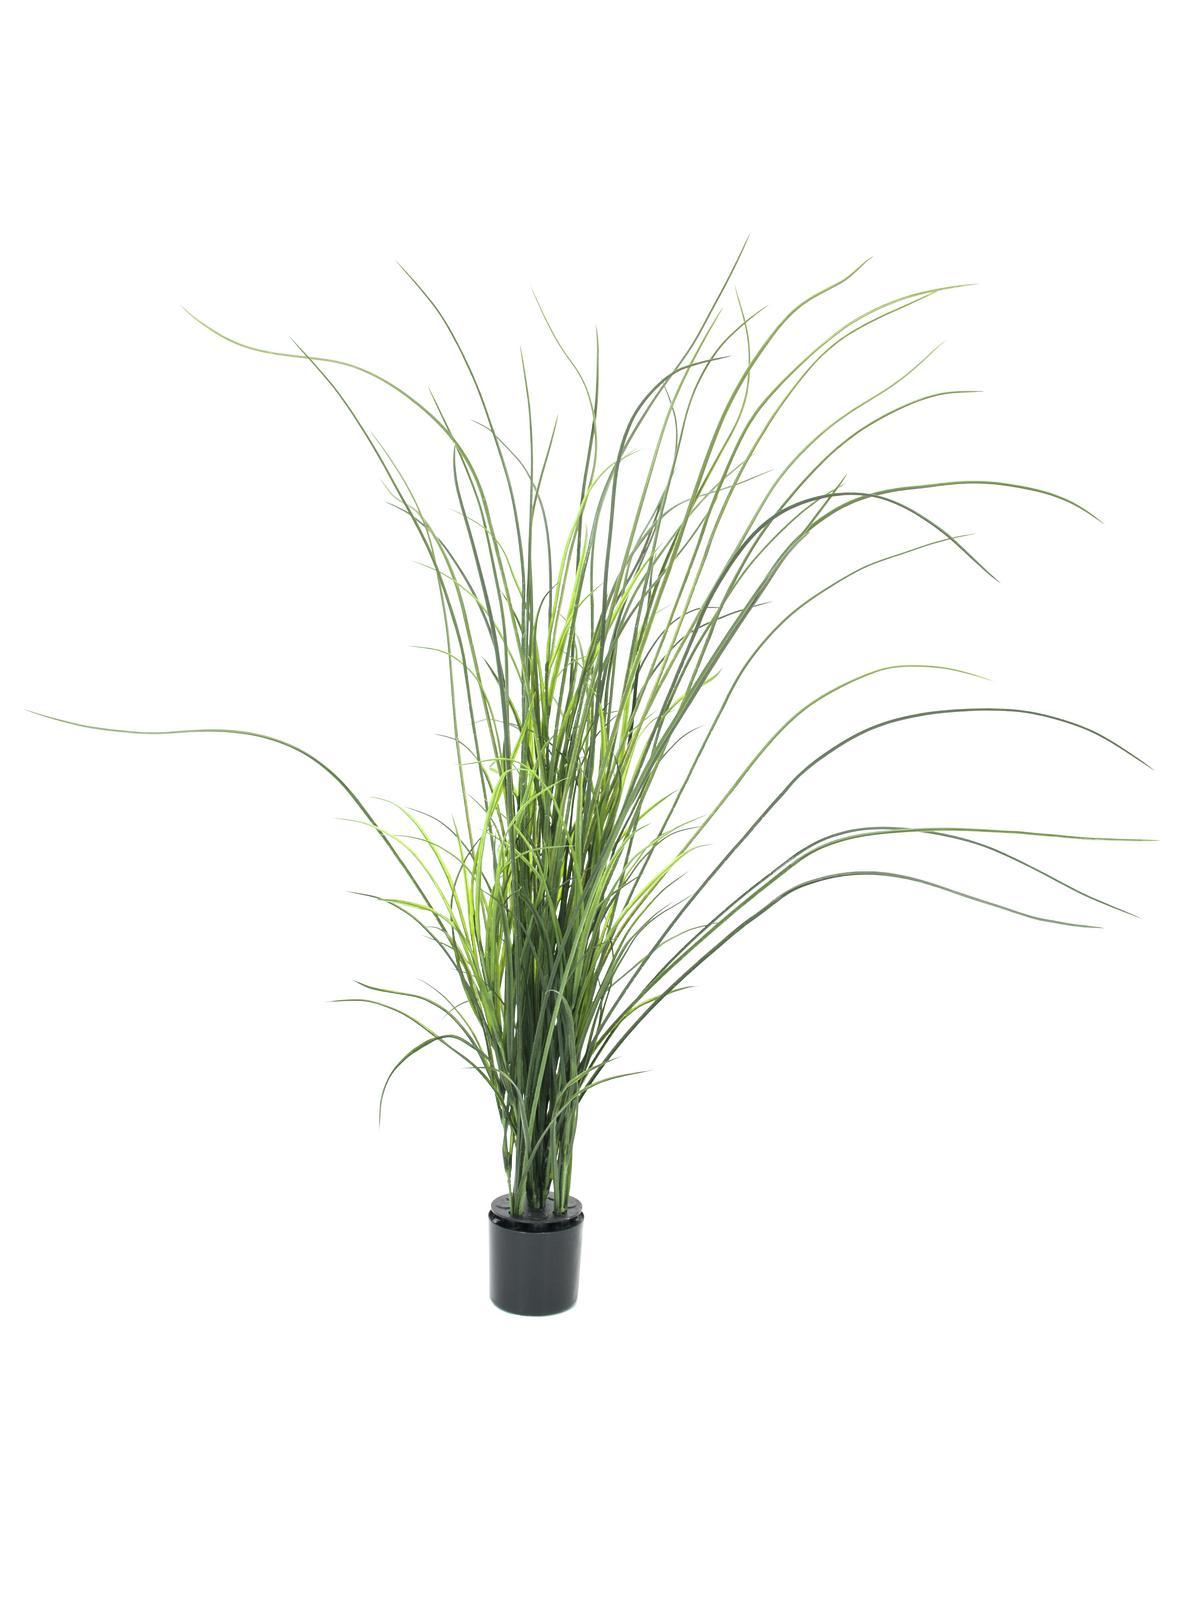 Pianta Artificiale In Plastica Erba reed Grass 145 Cm Europalms